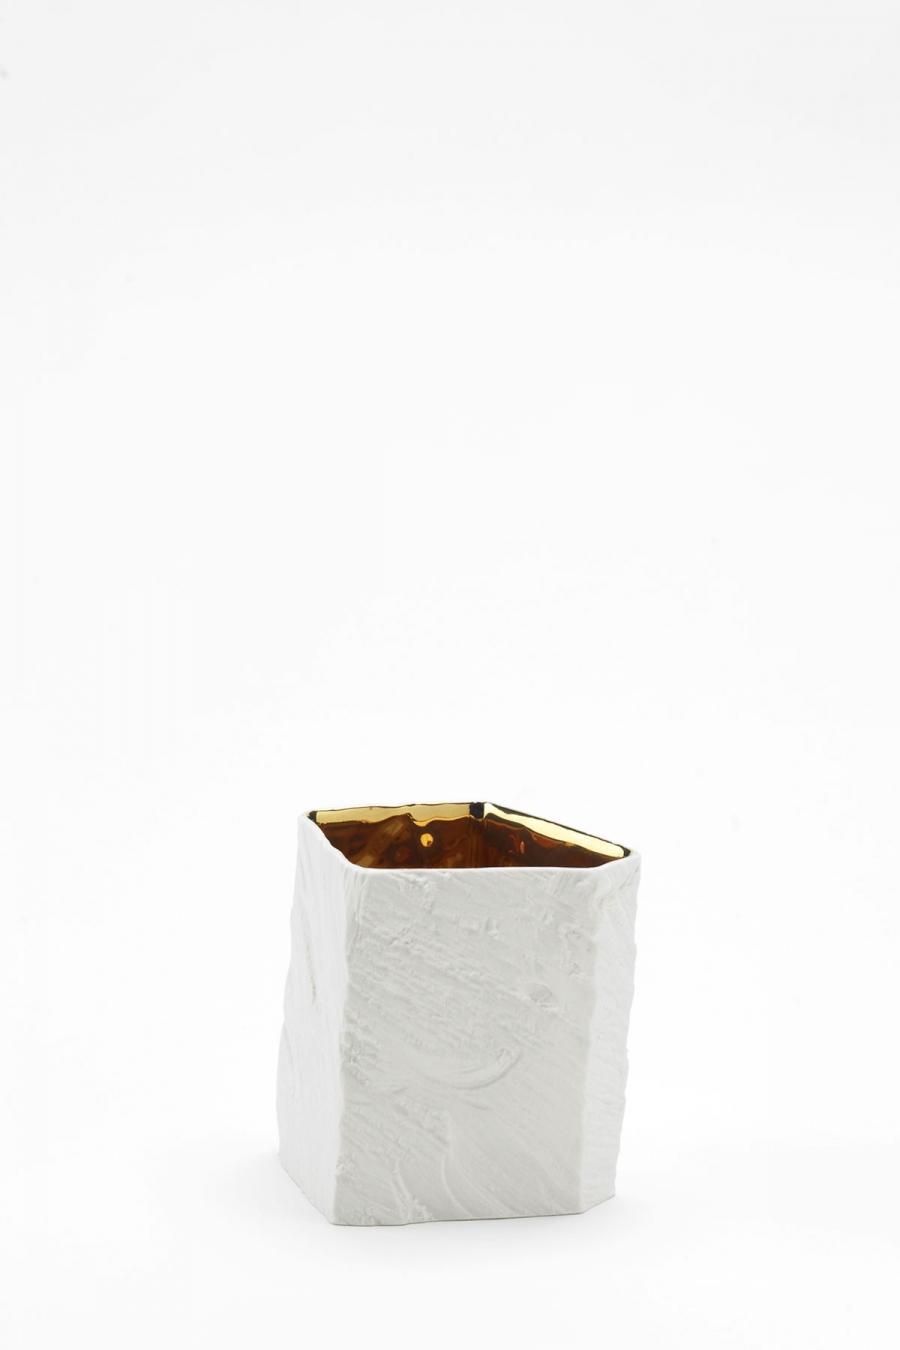 Trinkgefäß L white gold Woodraw